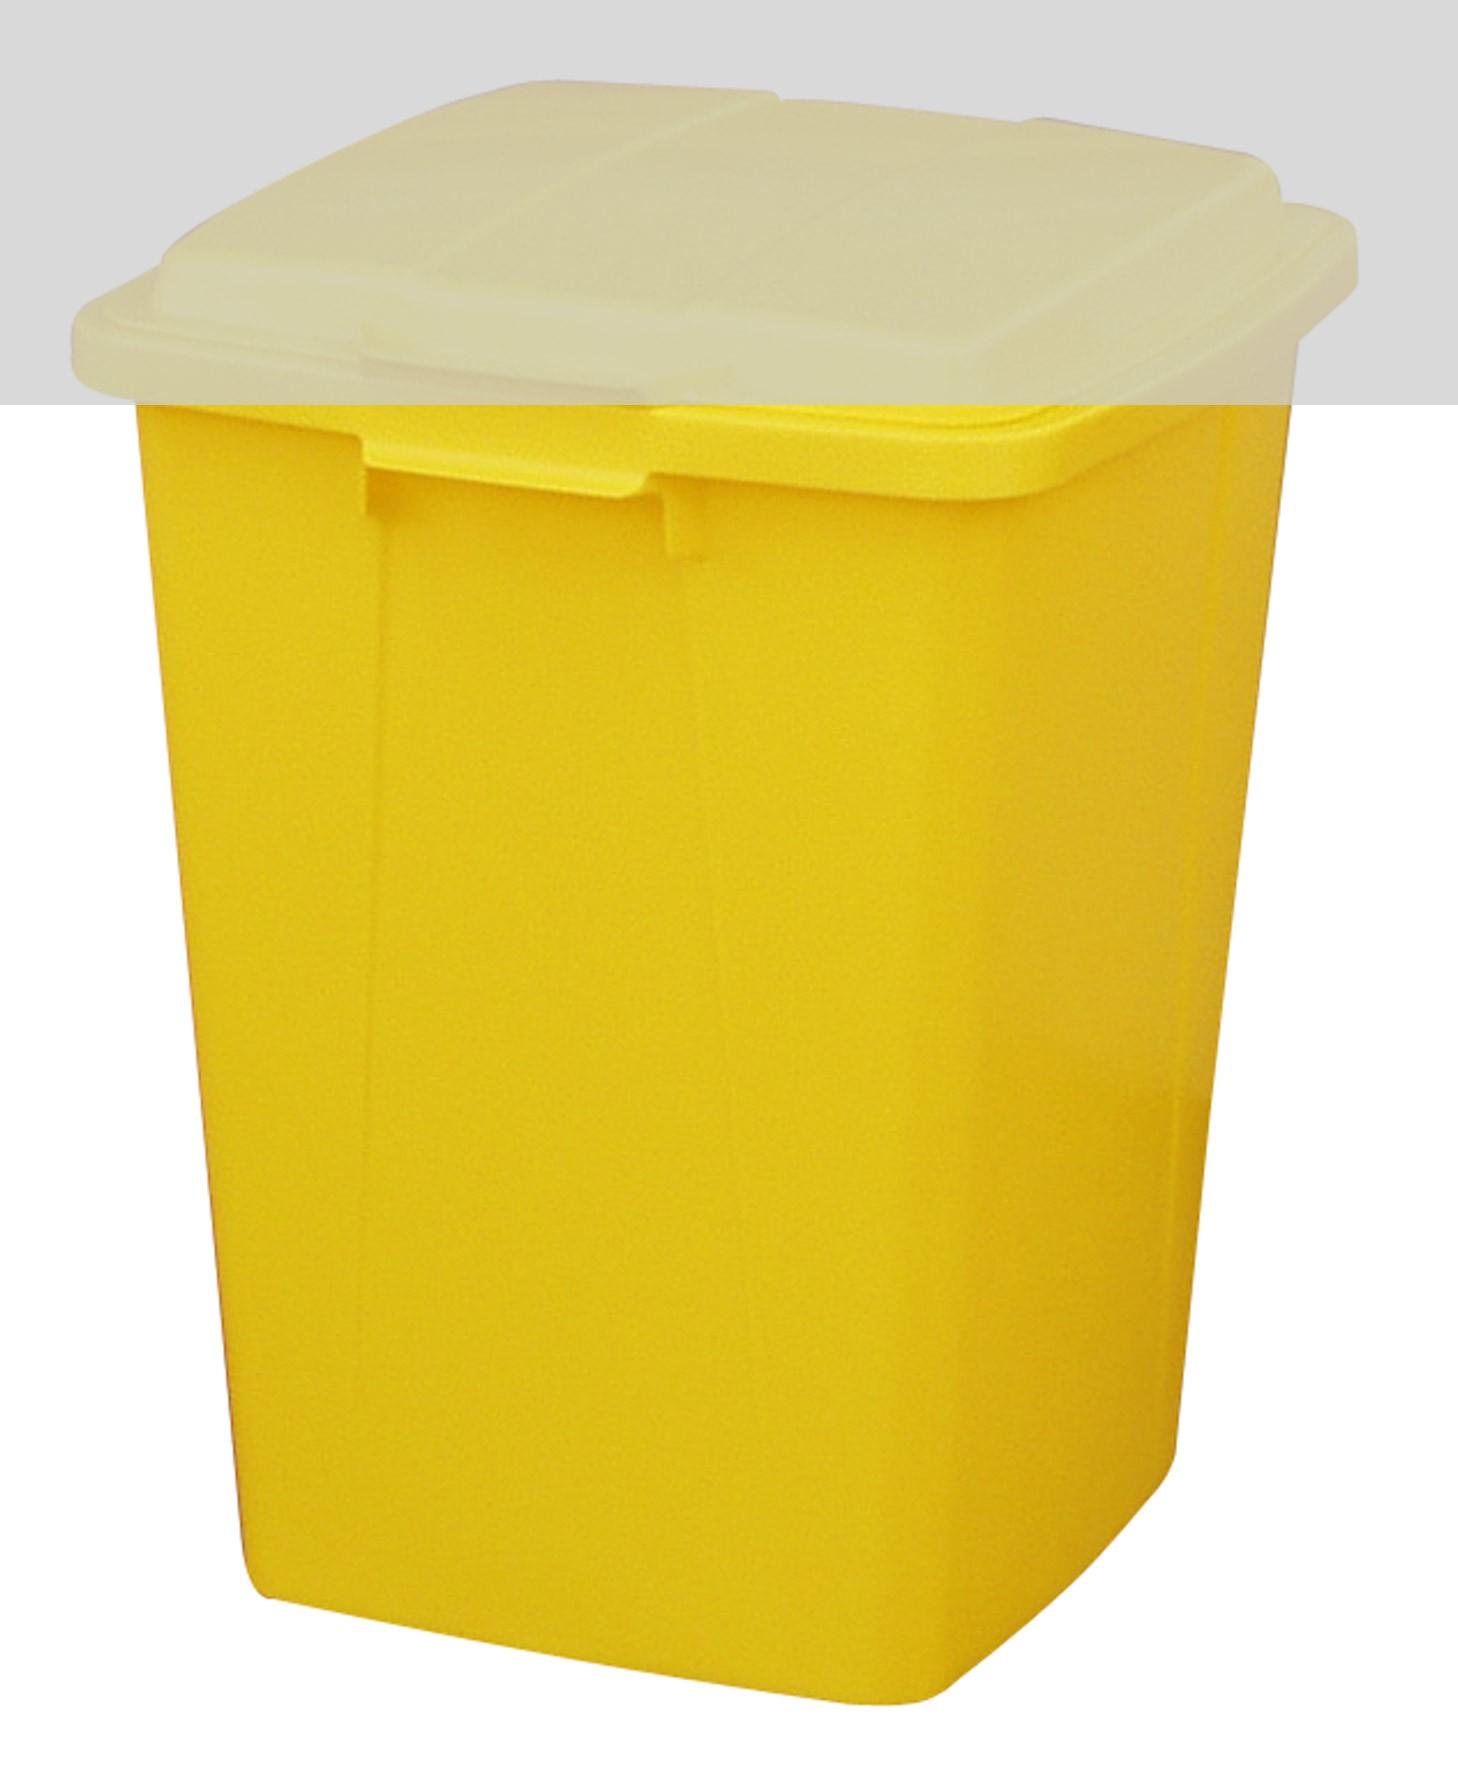 Mehrzweck-Behälter 90 Liter eckig gelb Graf 778021 Bild 1